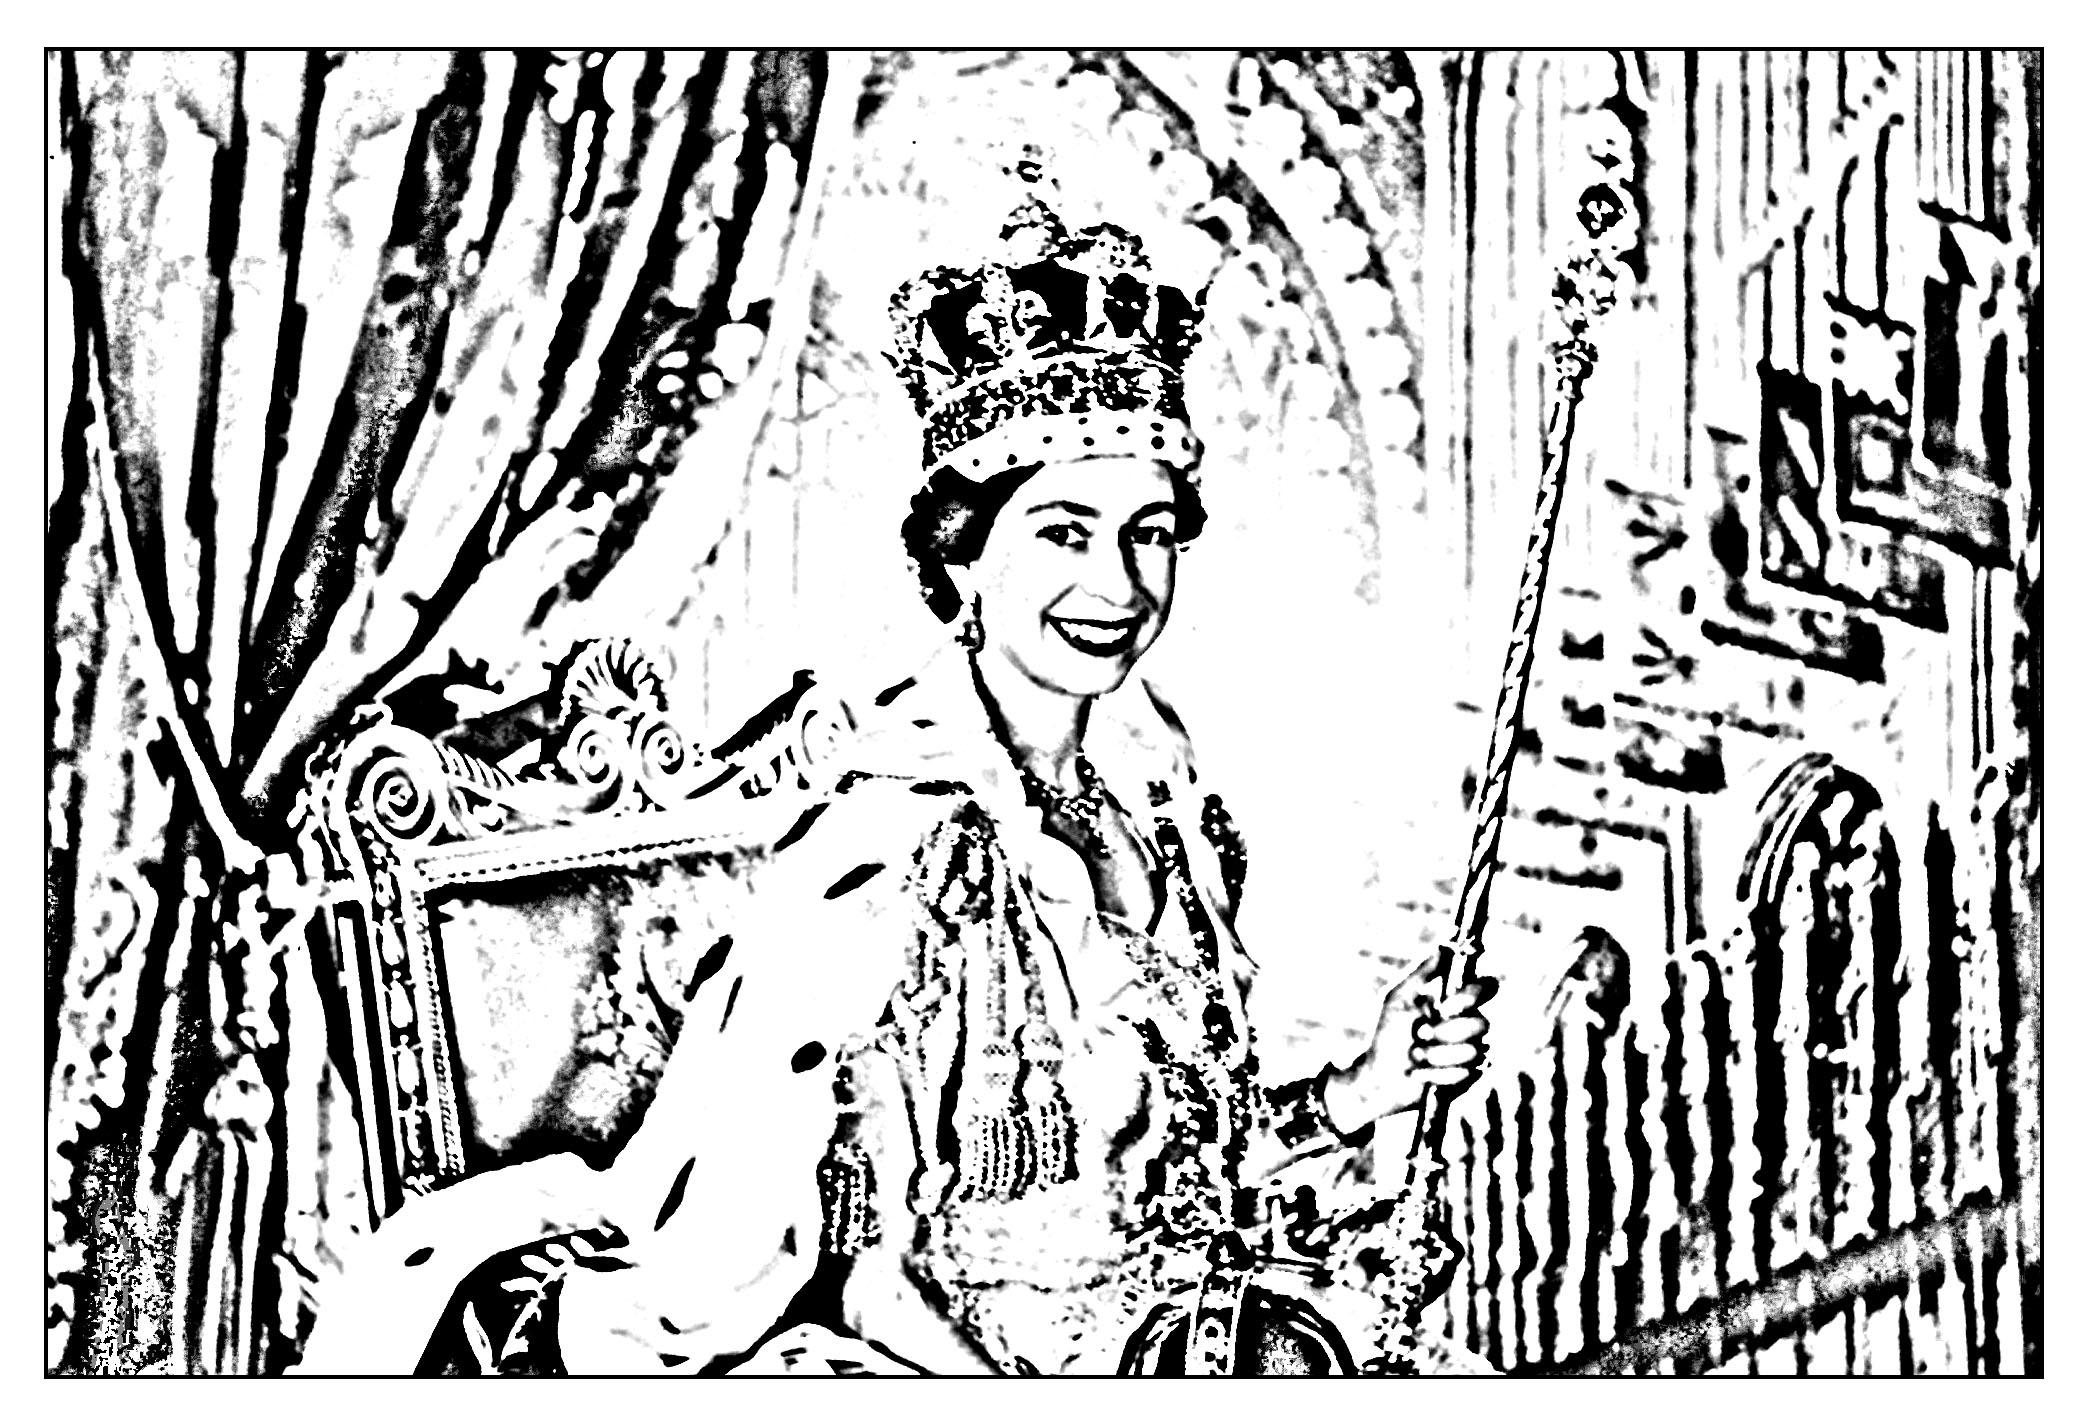 Coloriage créé à partir d'une photographie officielle prise lors du couronnement de la Reine Elisabeth II en 1953 (vue de face)